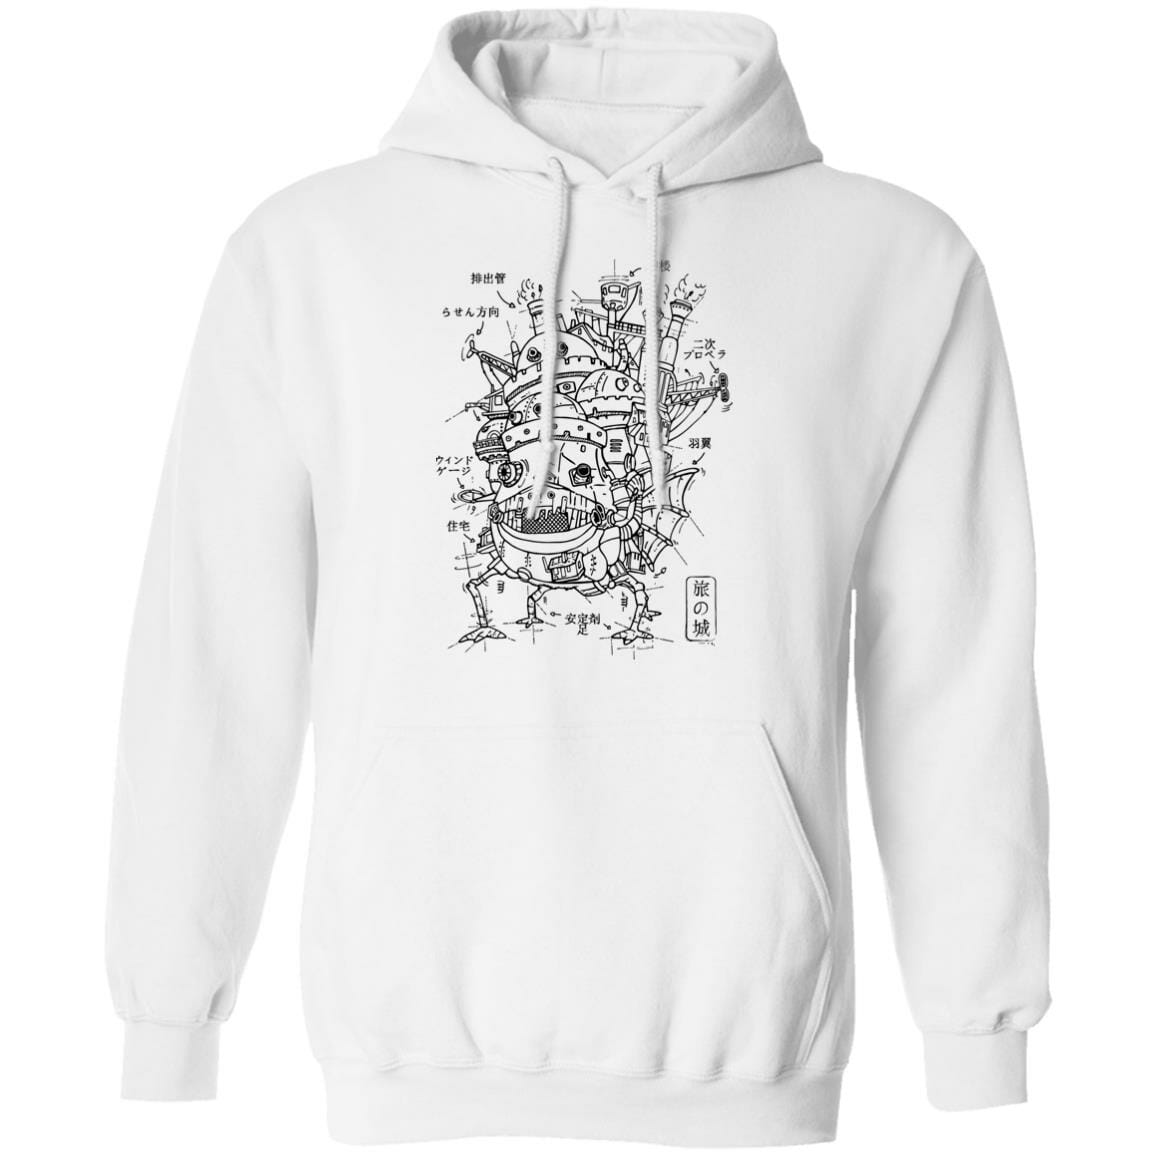 Howl's Moving Castle Sketch Hoodie